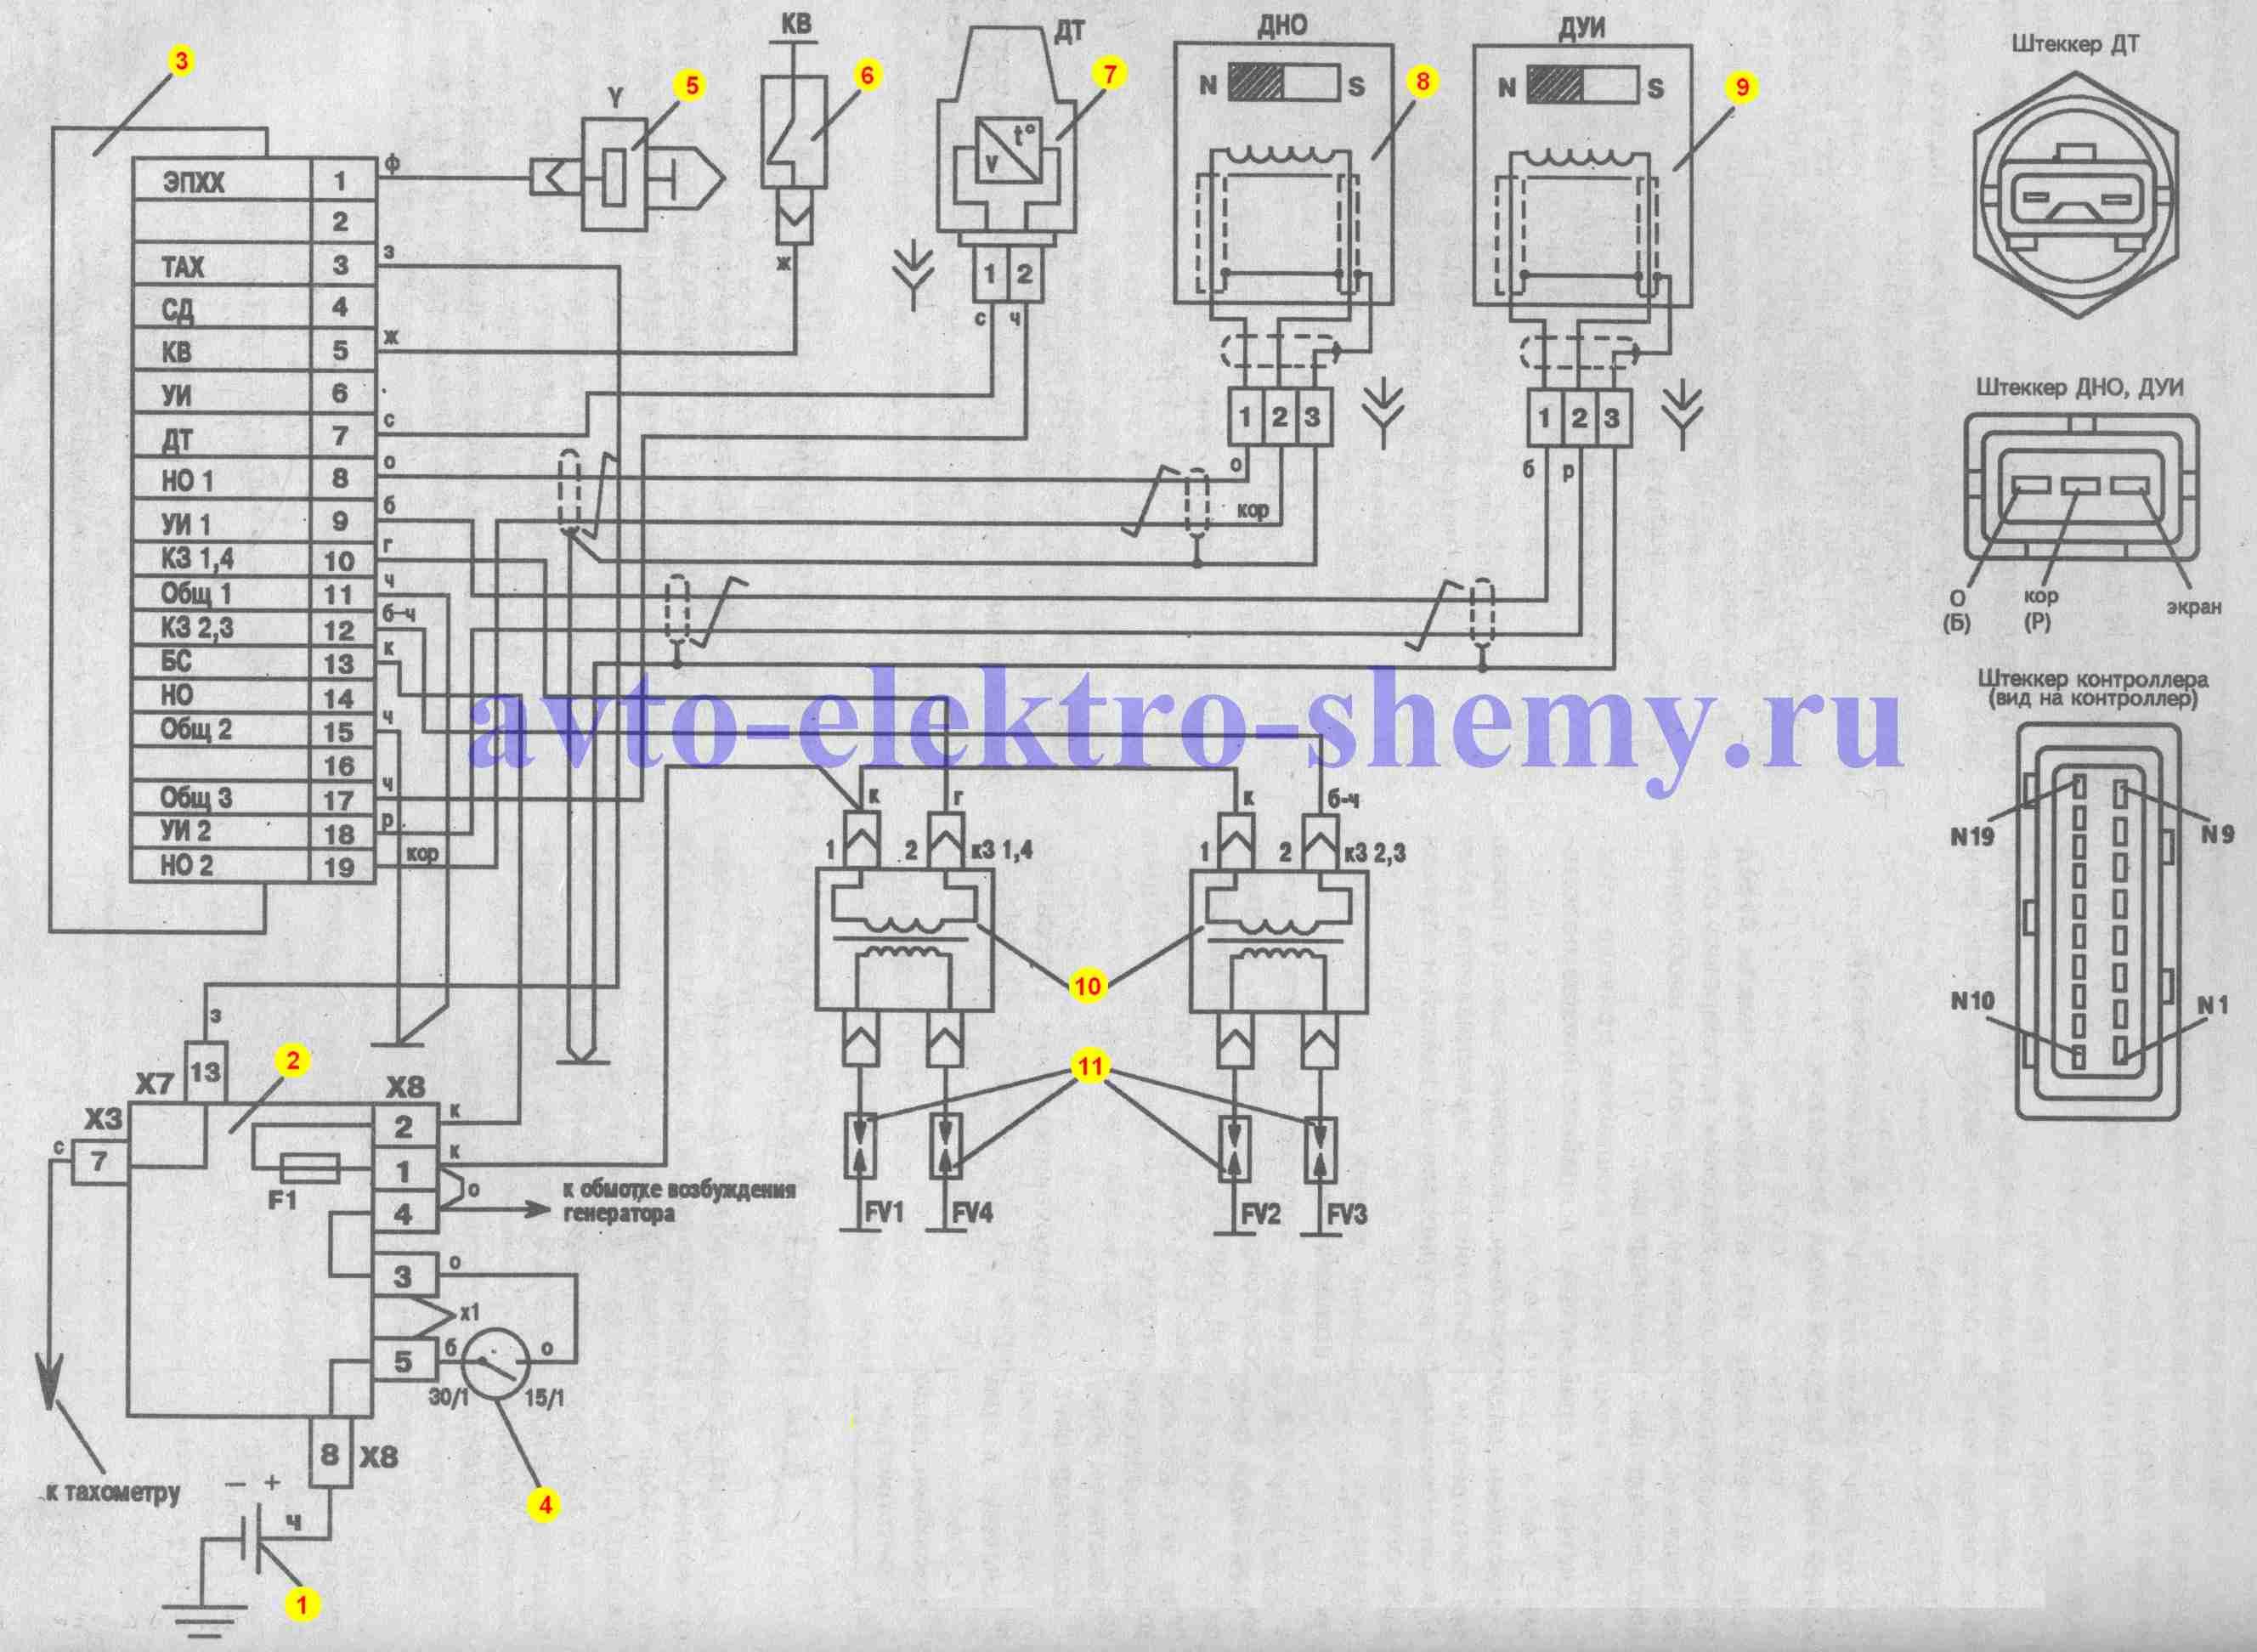 Микропроцессорная система зажигания предназначена для Электрическая схема системы зажигания: В63 - датчик абсолютного...